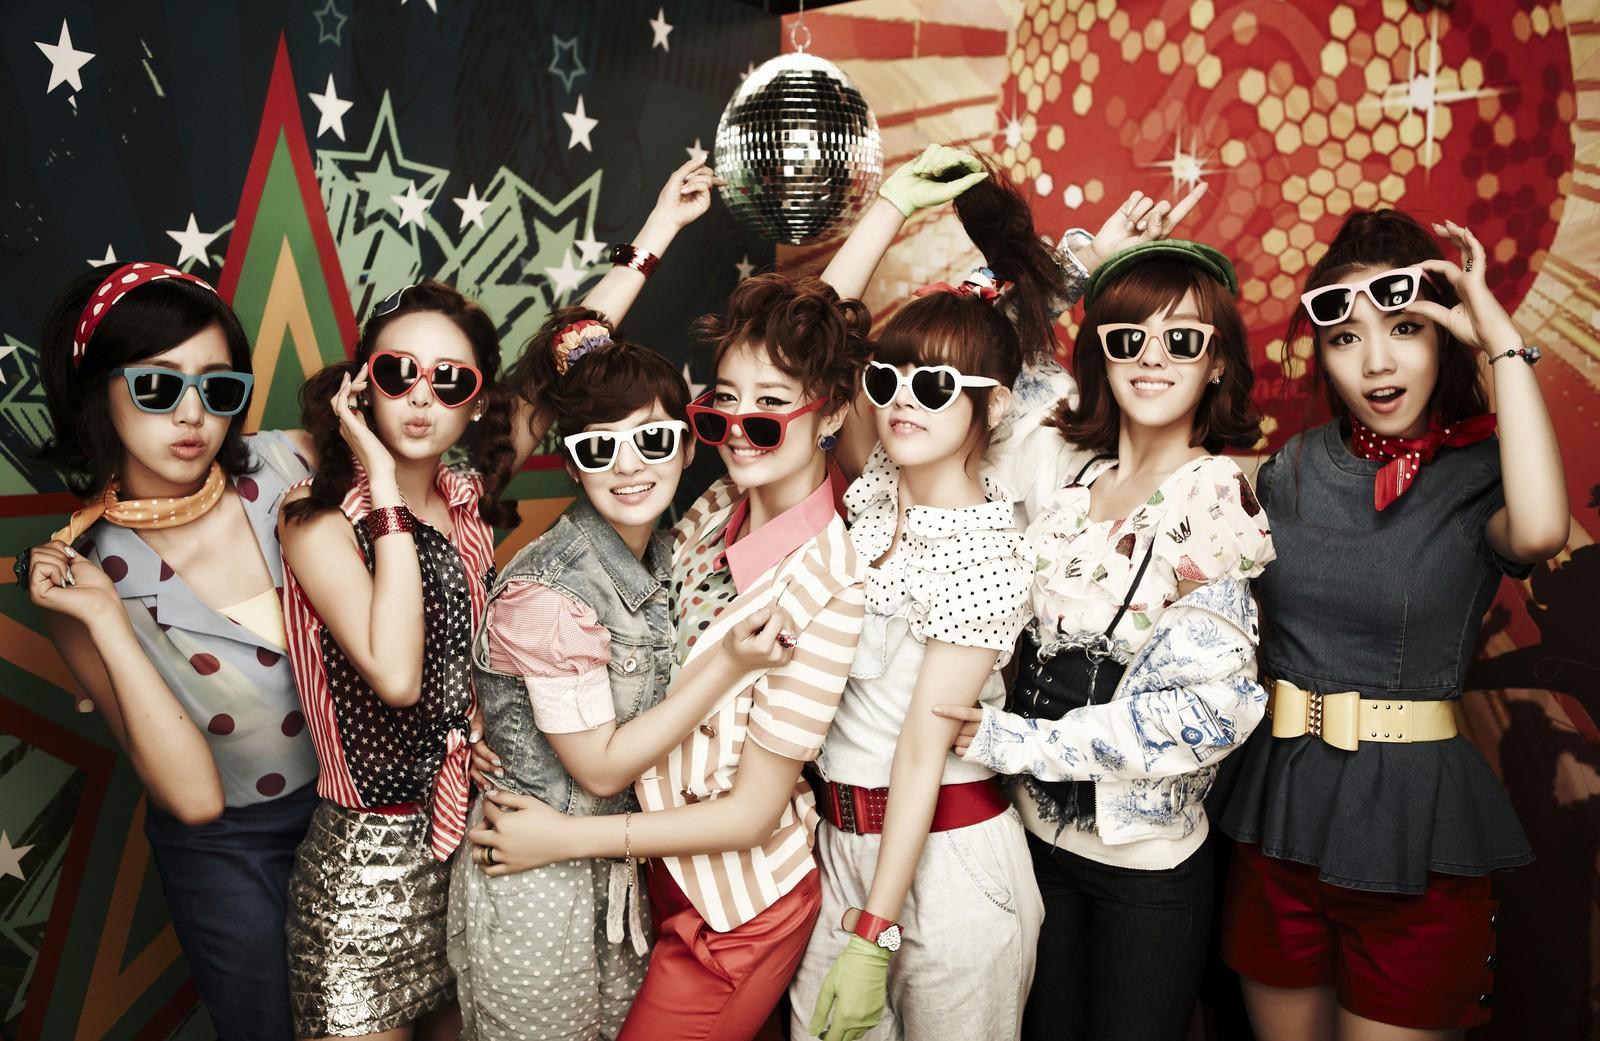 Bạn có biết: Đội hình dự bị lúc chưa debut của các nhóm nhạc Kpop đình đám này như thế nào? - Ảnh 8.